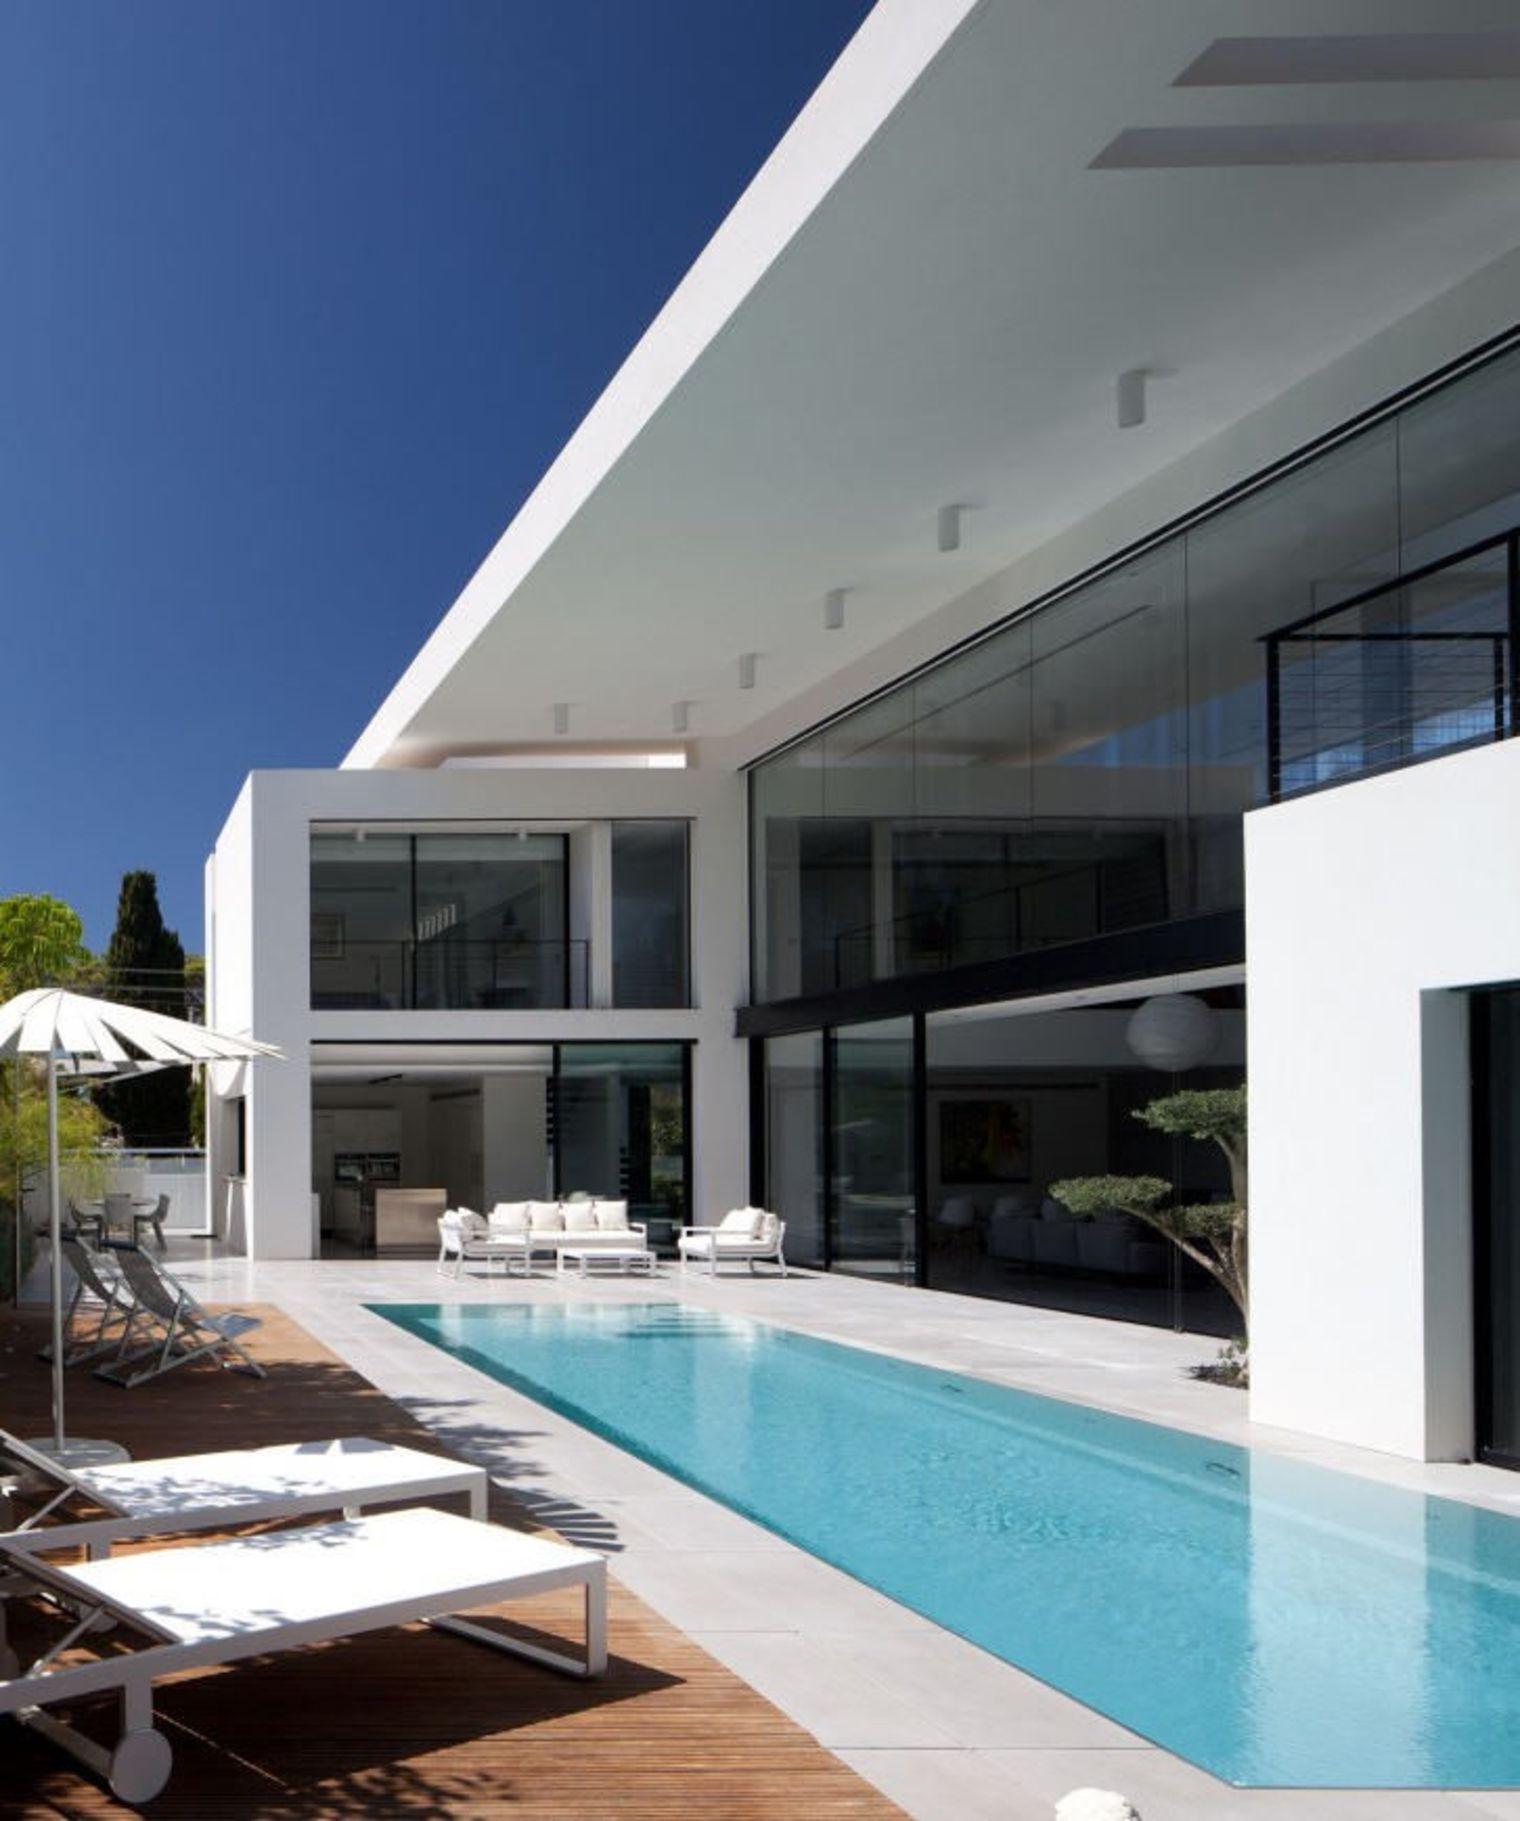 A Quoi Ressemblerait La Construction De Votre Maison Idéale ? Côté Maison  Vous Guide Et Vous Aide à Construire Votre Future Maison ...